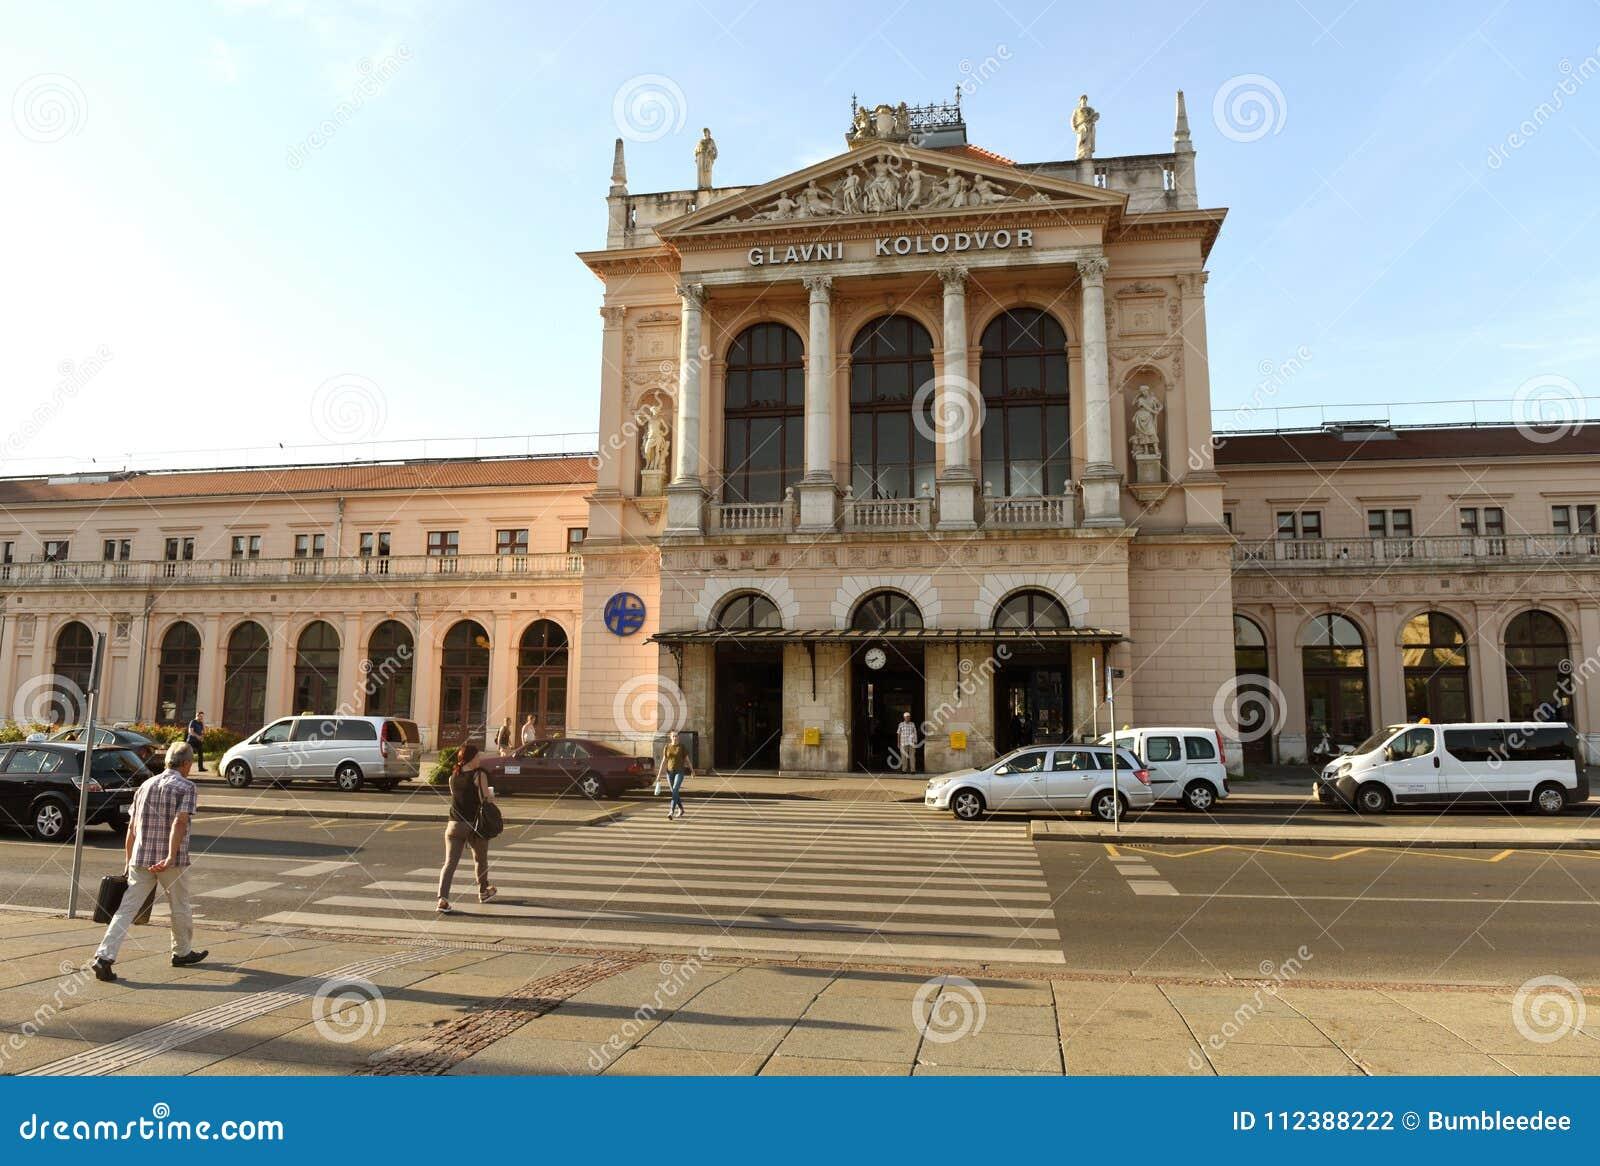 Ζάγκρεμπ, Κροατία - 18 Αυγούστου 2017: Κύριο bui σταθμών τρένου του Ζάγκρεμπ